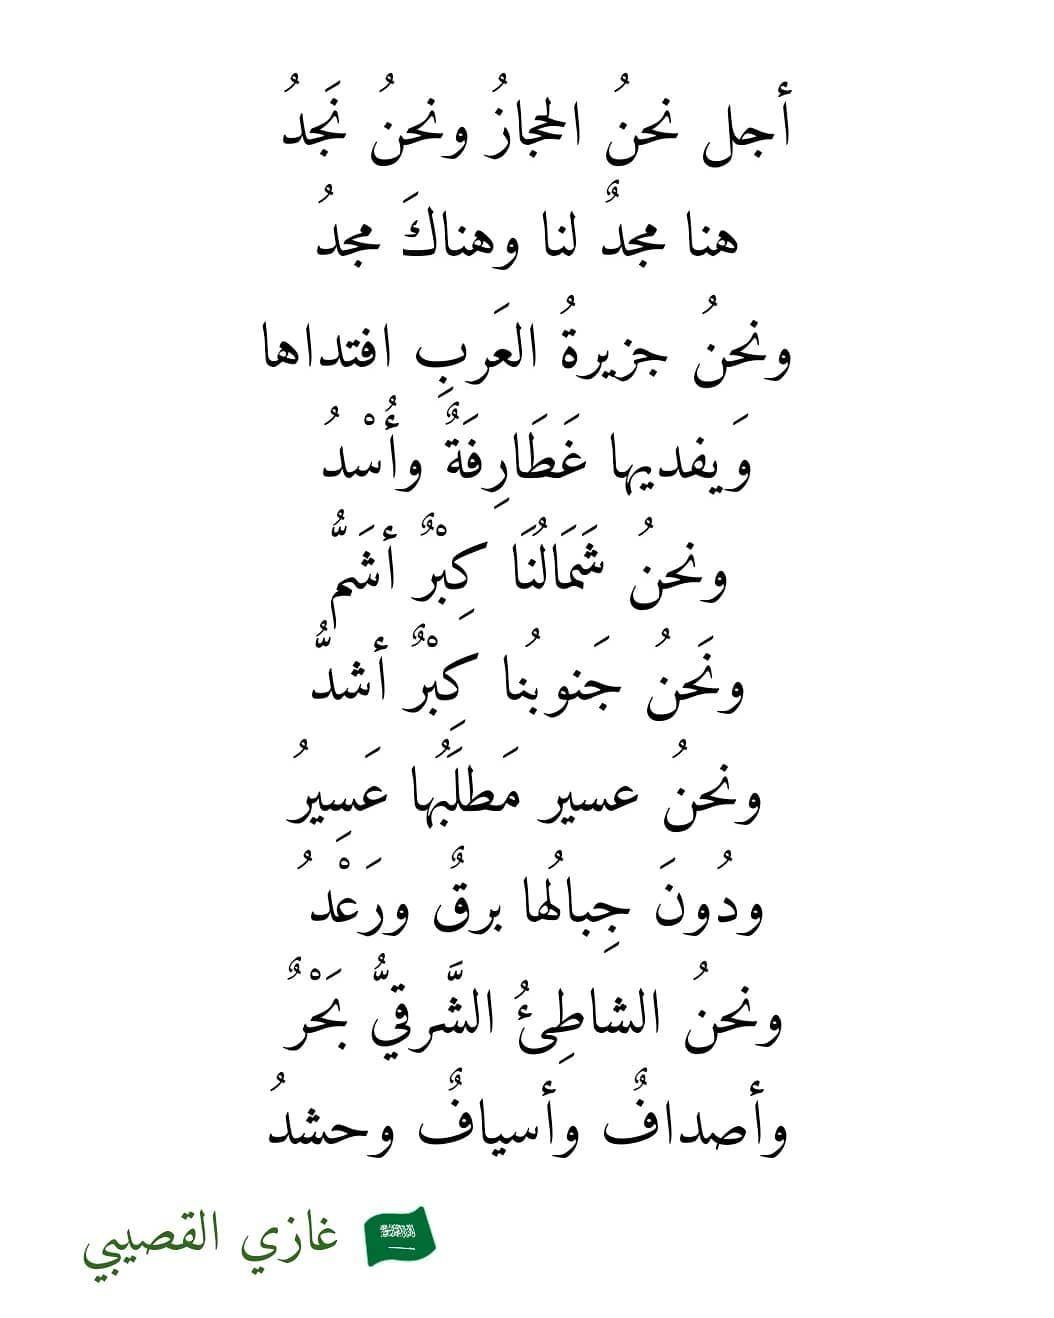 غازي القصيبي اليوم الوطني89 غازي القصيبي اليوم الوطني89 In 2020 Queen Quotes Arabic Quotes Words